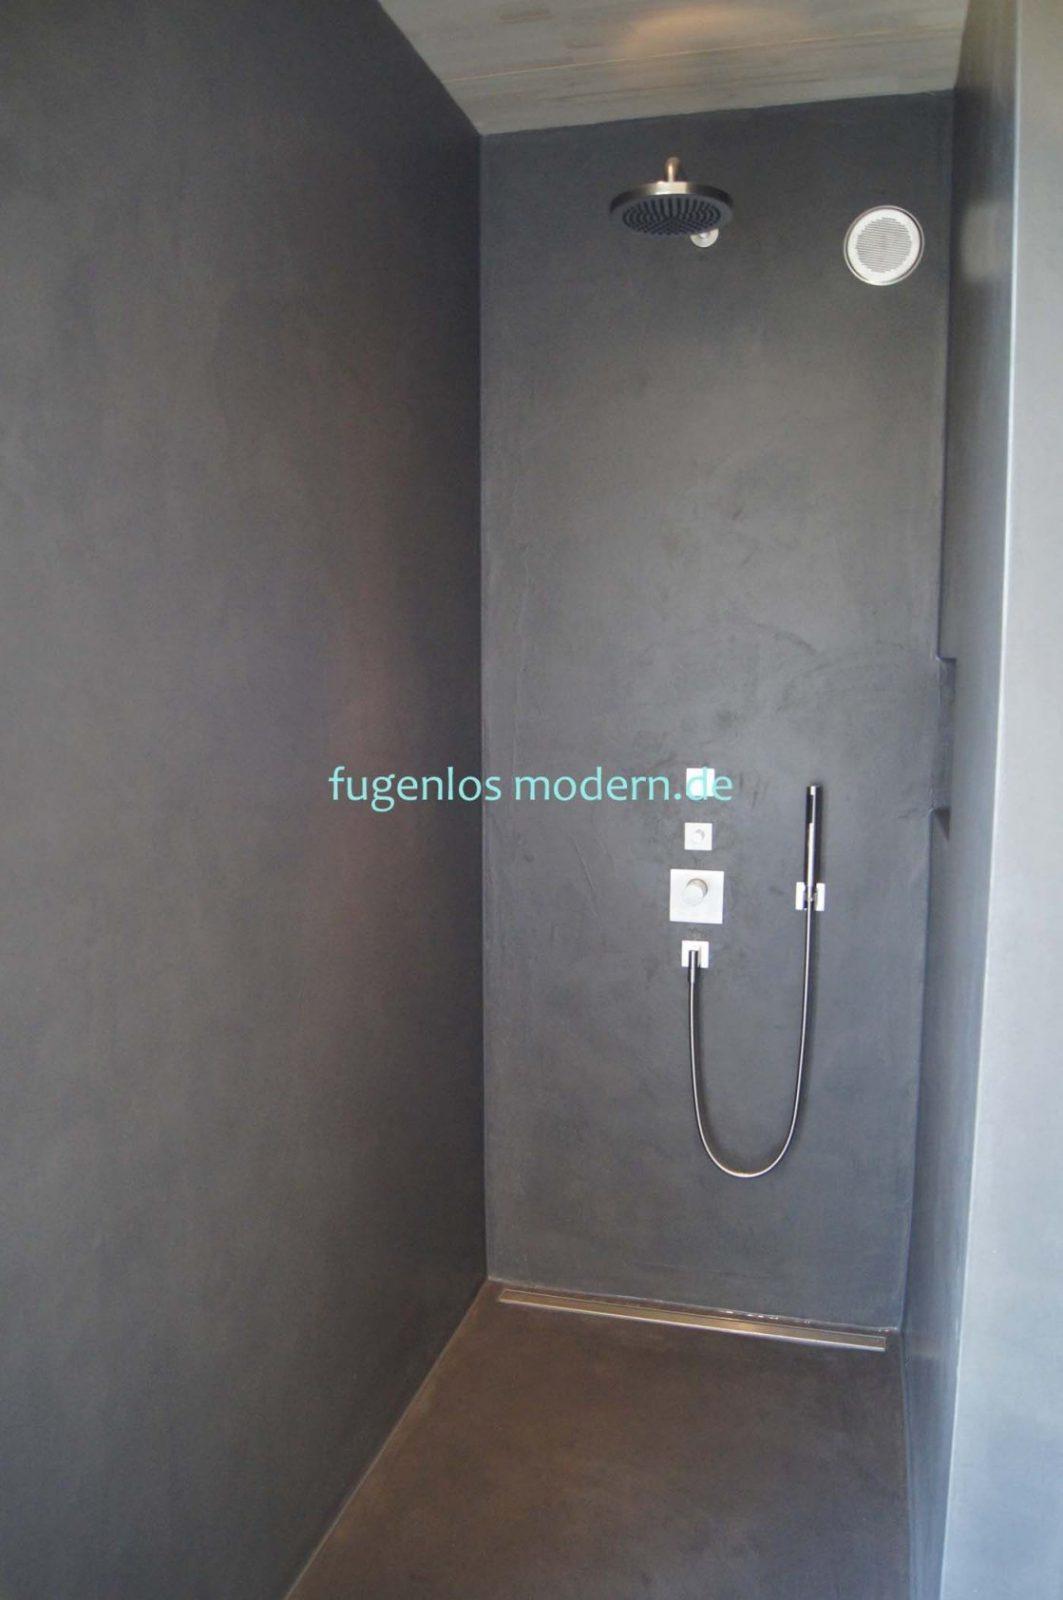 Dusche Ohne Fugen Aus Zement Gespachtelt In Farbton Lavafugenlos von Dusche Wandverkleidung Ohne Fugen Bild